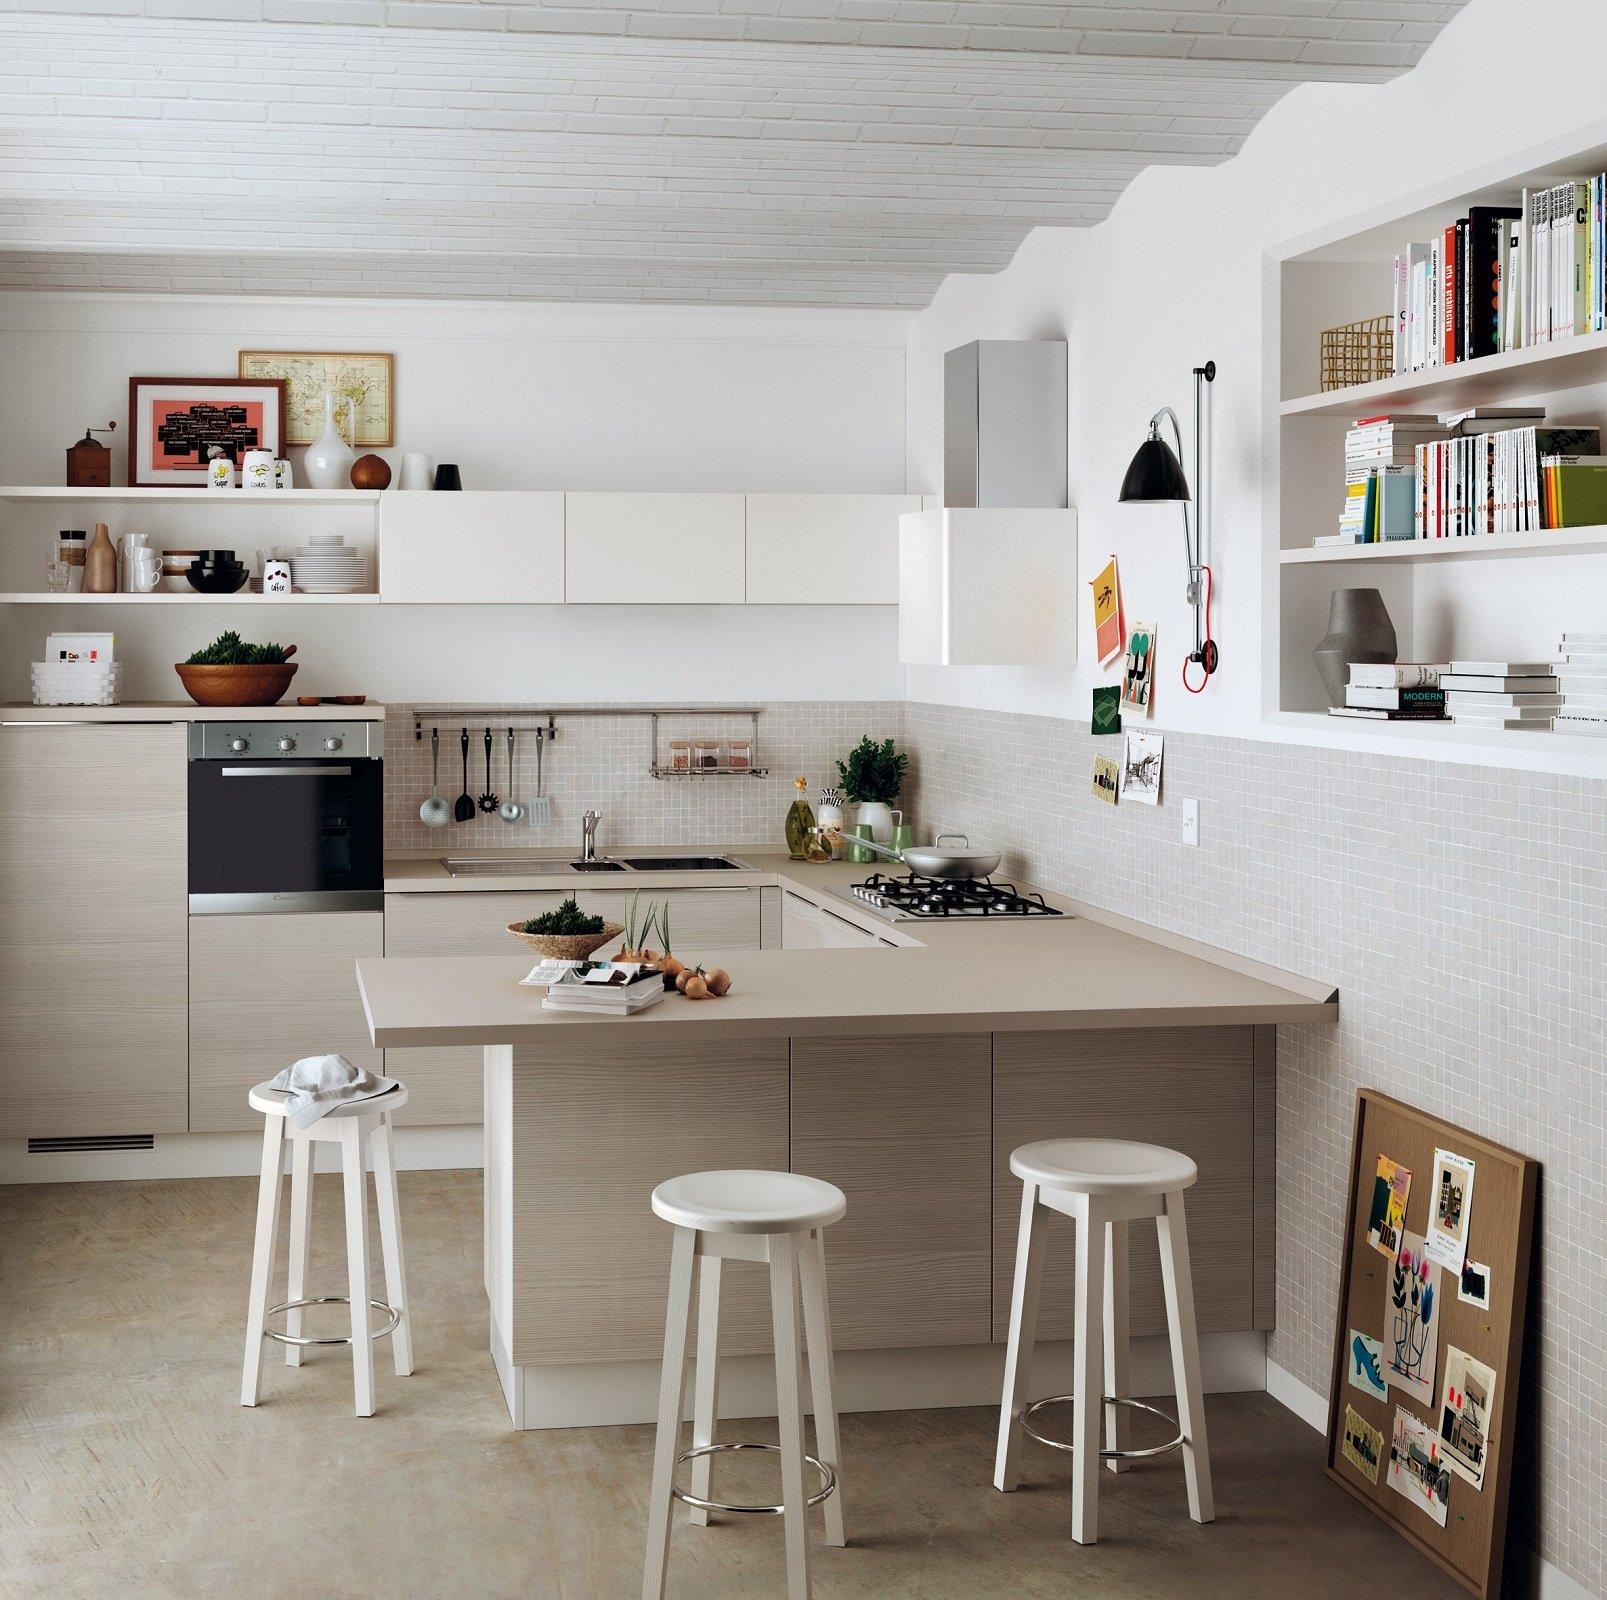 Organizzare al meglio lo spazio cucina nel sottotetto - Cucine per mansarda ...